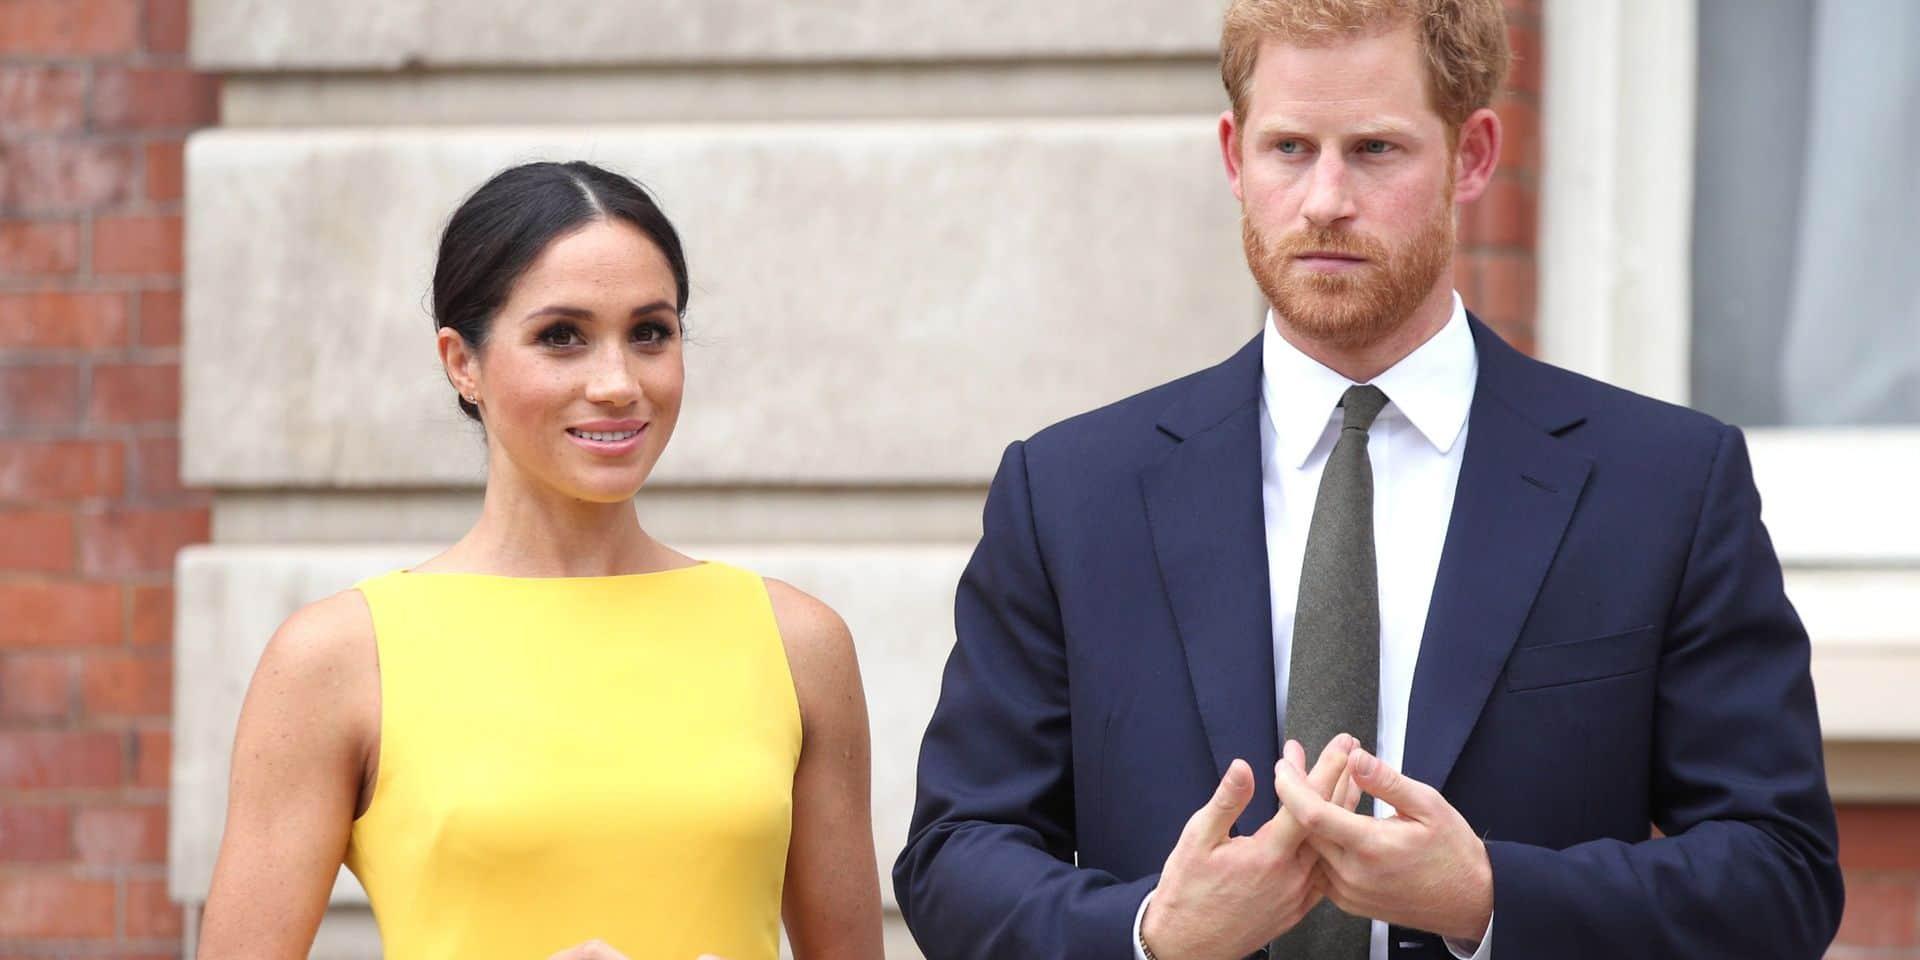 Le prince Harry et Meghan Markle ne passeront pas Noël avec la reine Elizabeth II et le reste de la famille royale